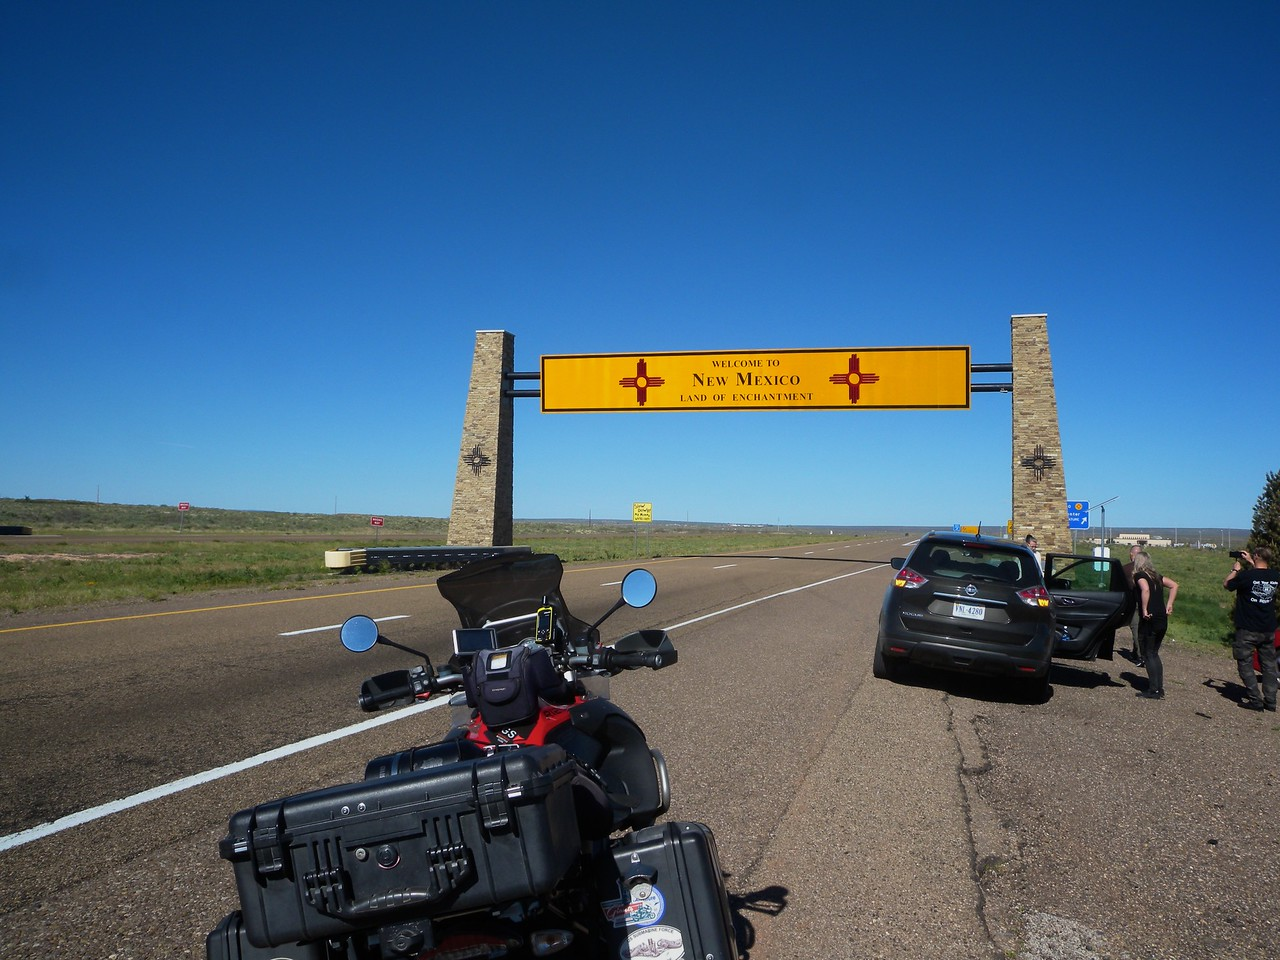 I-40/Rote 66, Texas, New Mexico Border